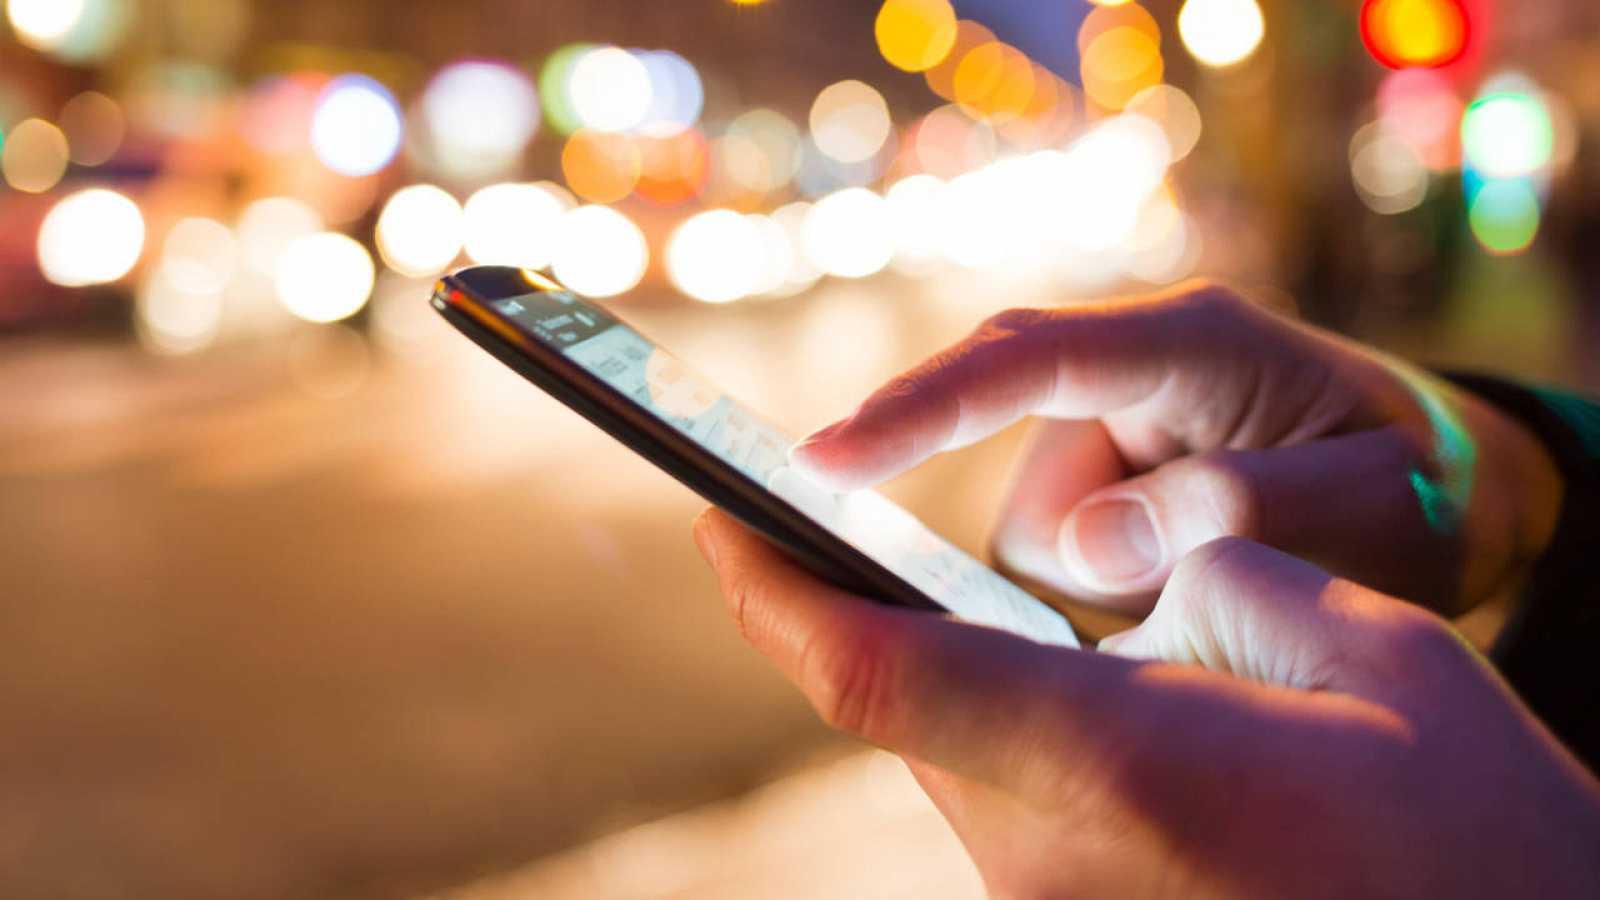 Una persona utilizando su teléfono móvil en la calle